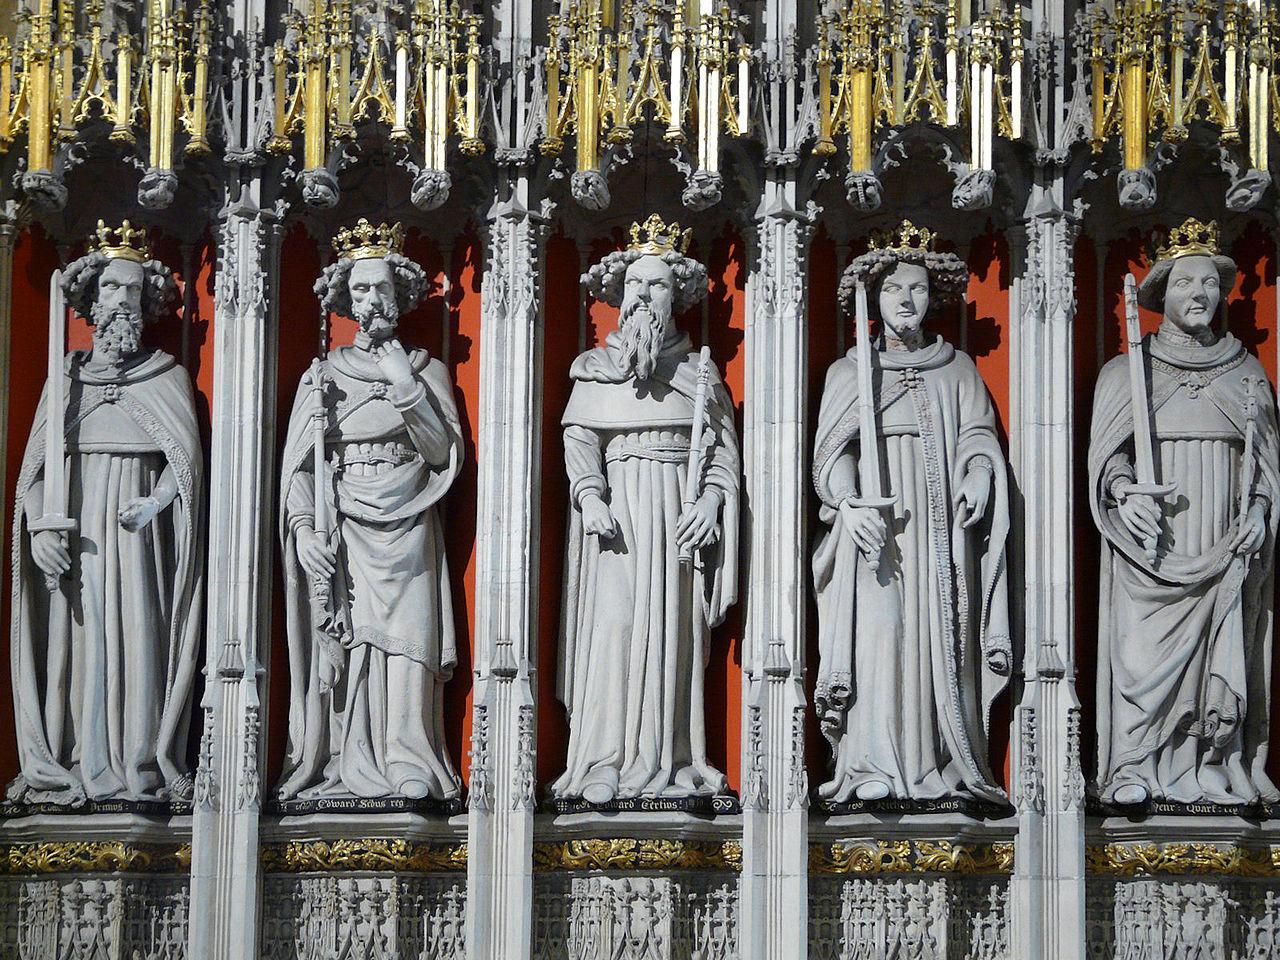 York Minster's choir screen